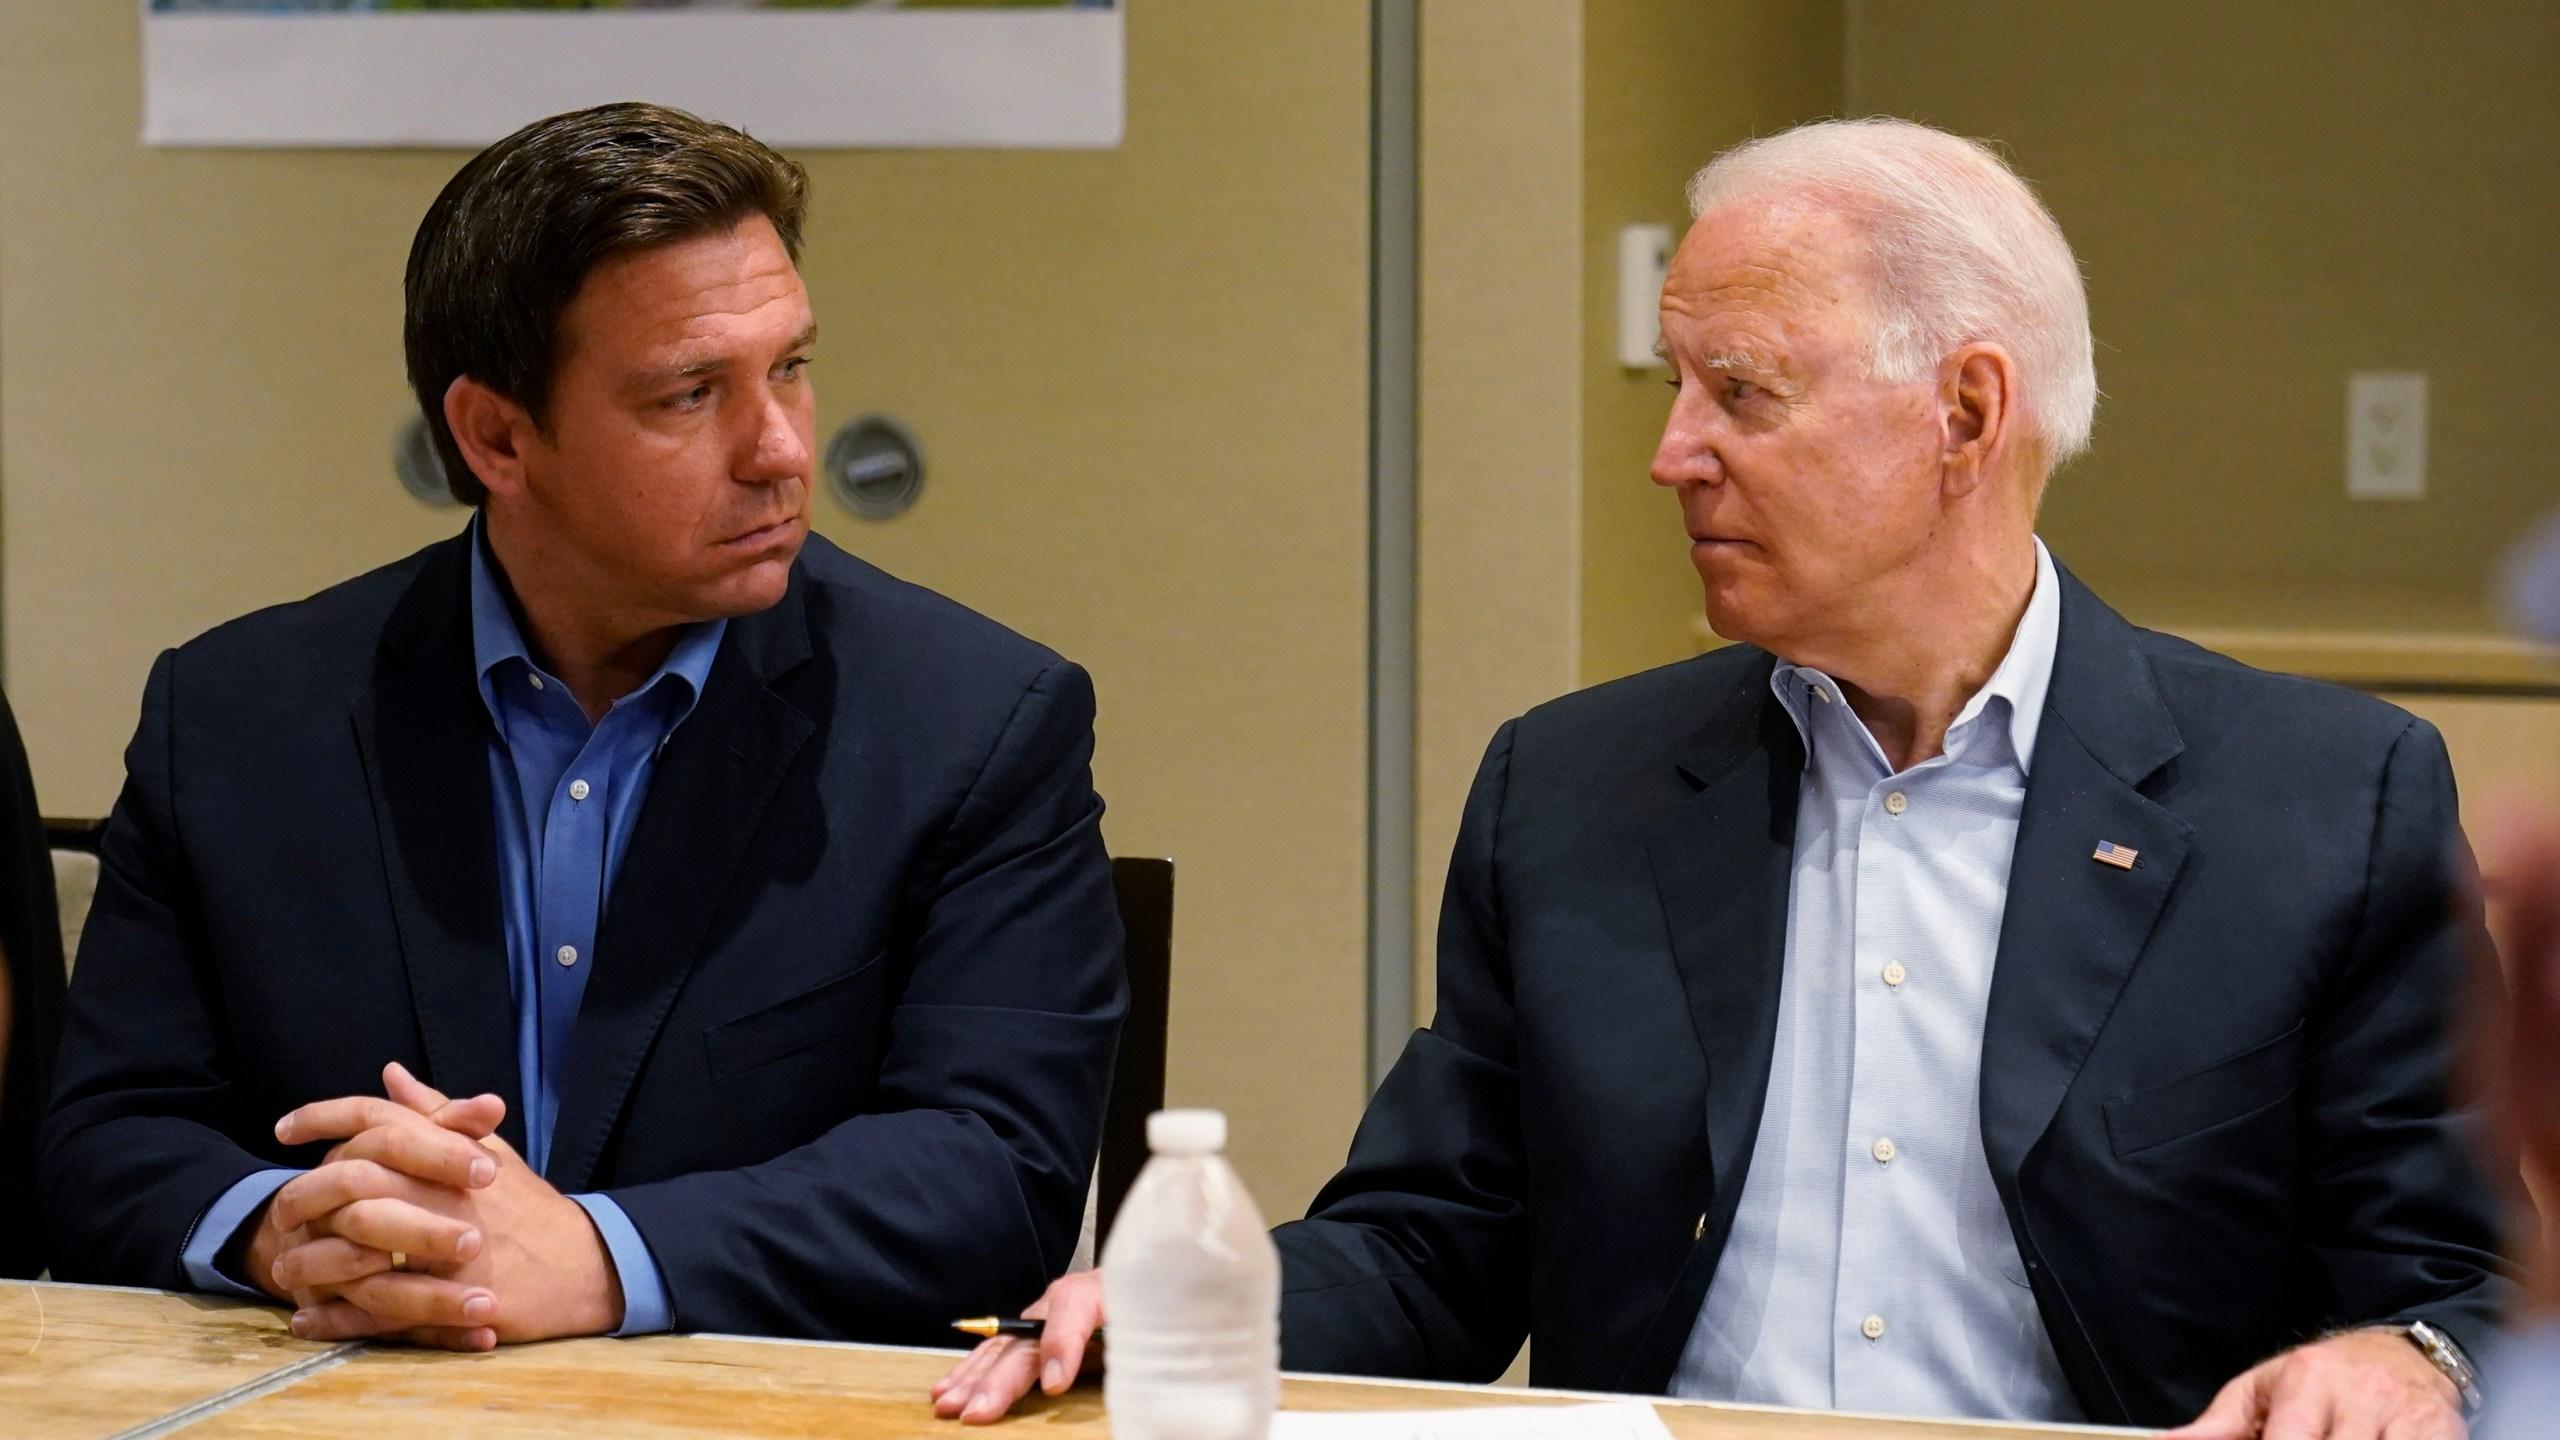 Joe Biden, Ron DeSantis